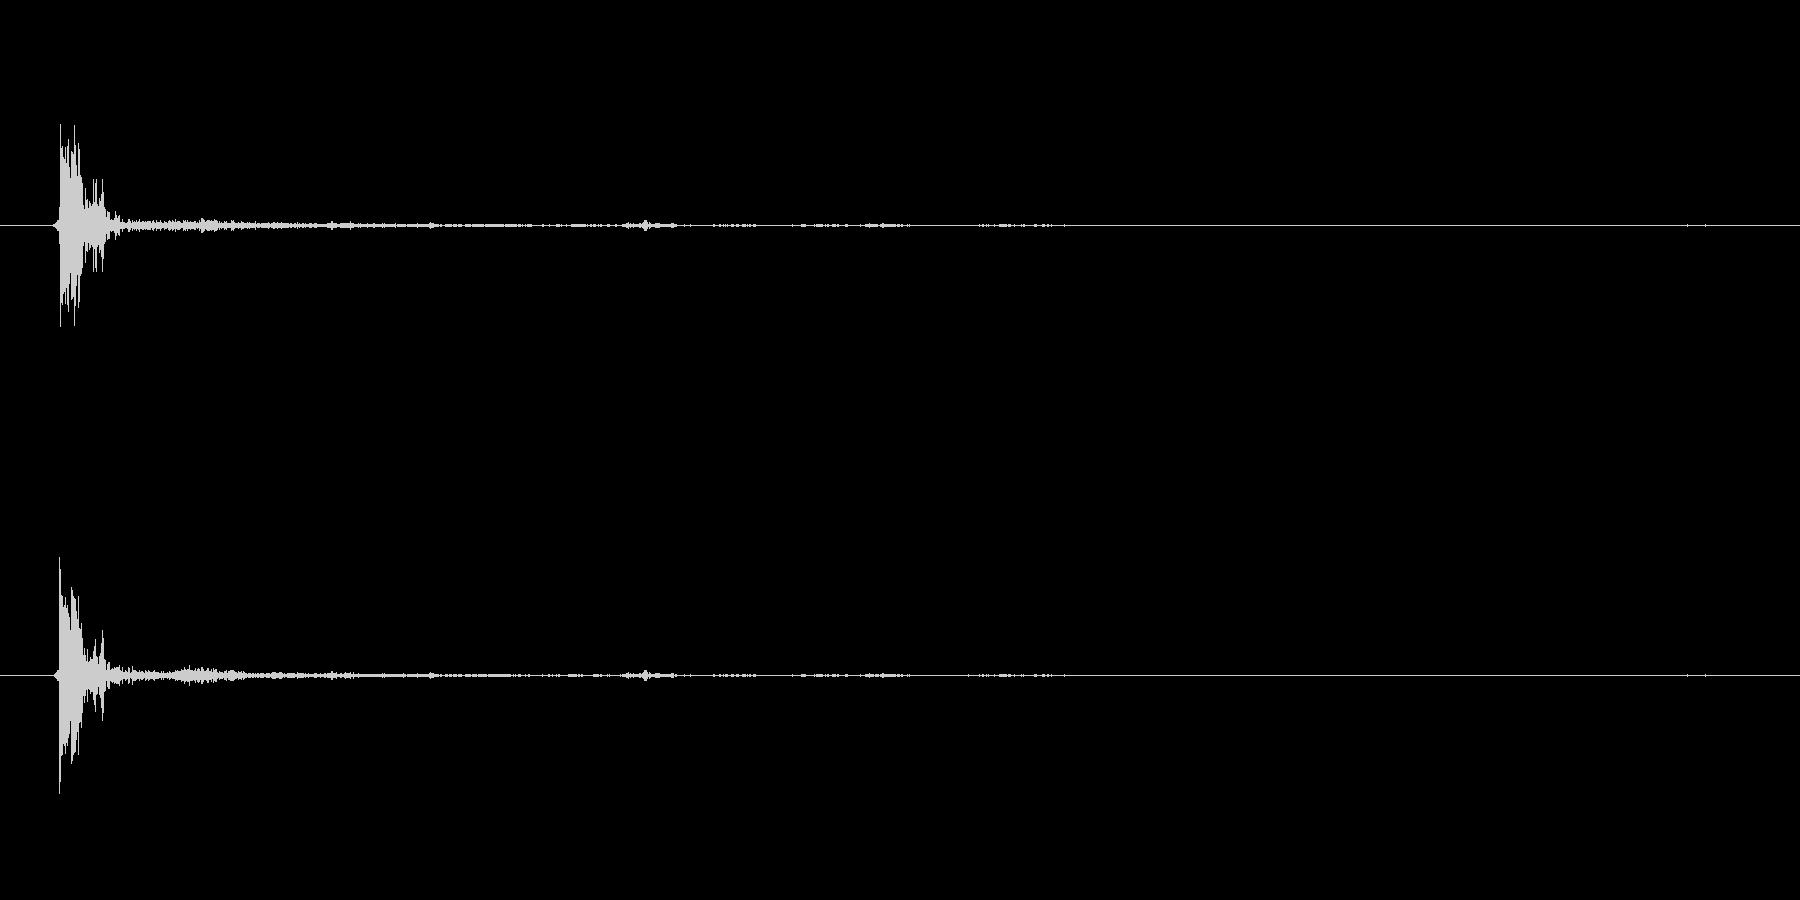 ライフル AK 47 エクステリア...の未再生の波形